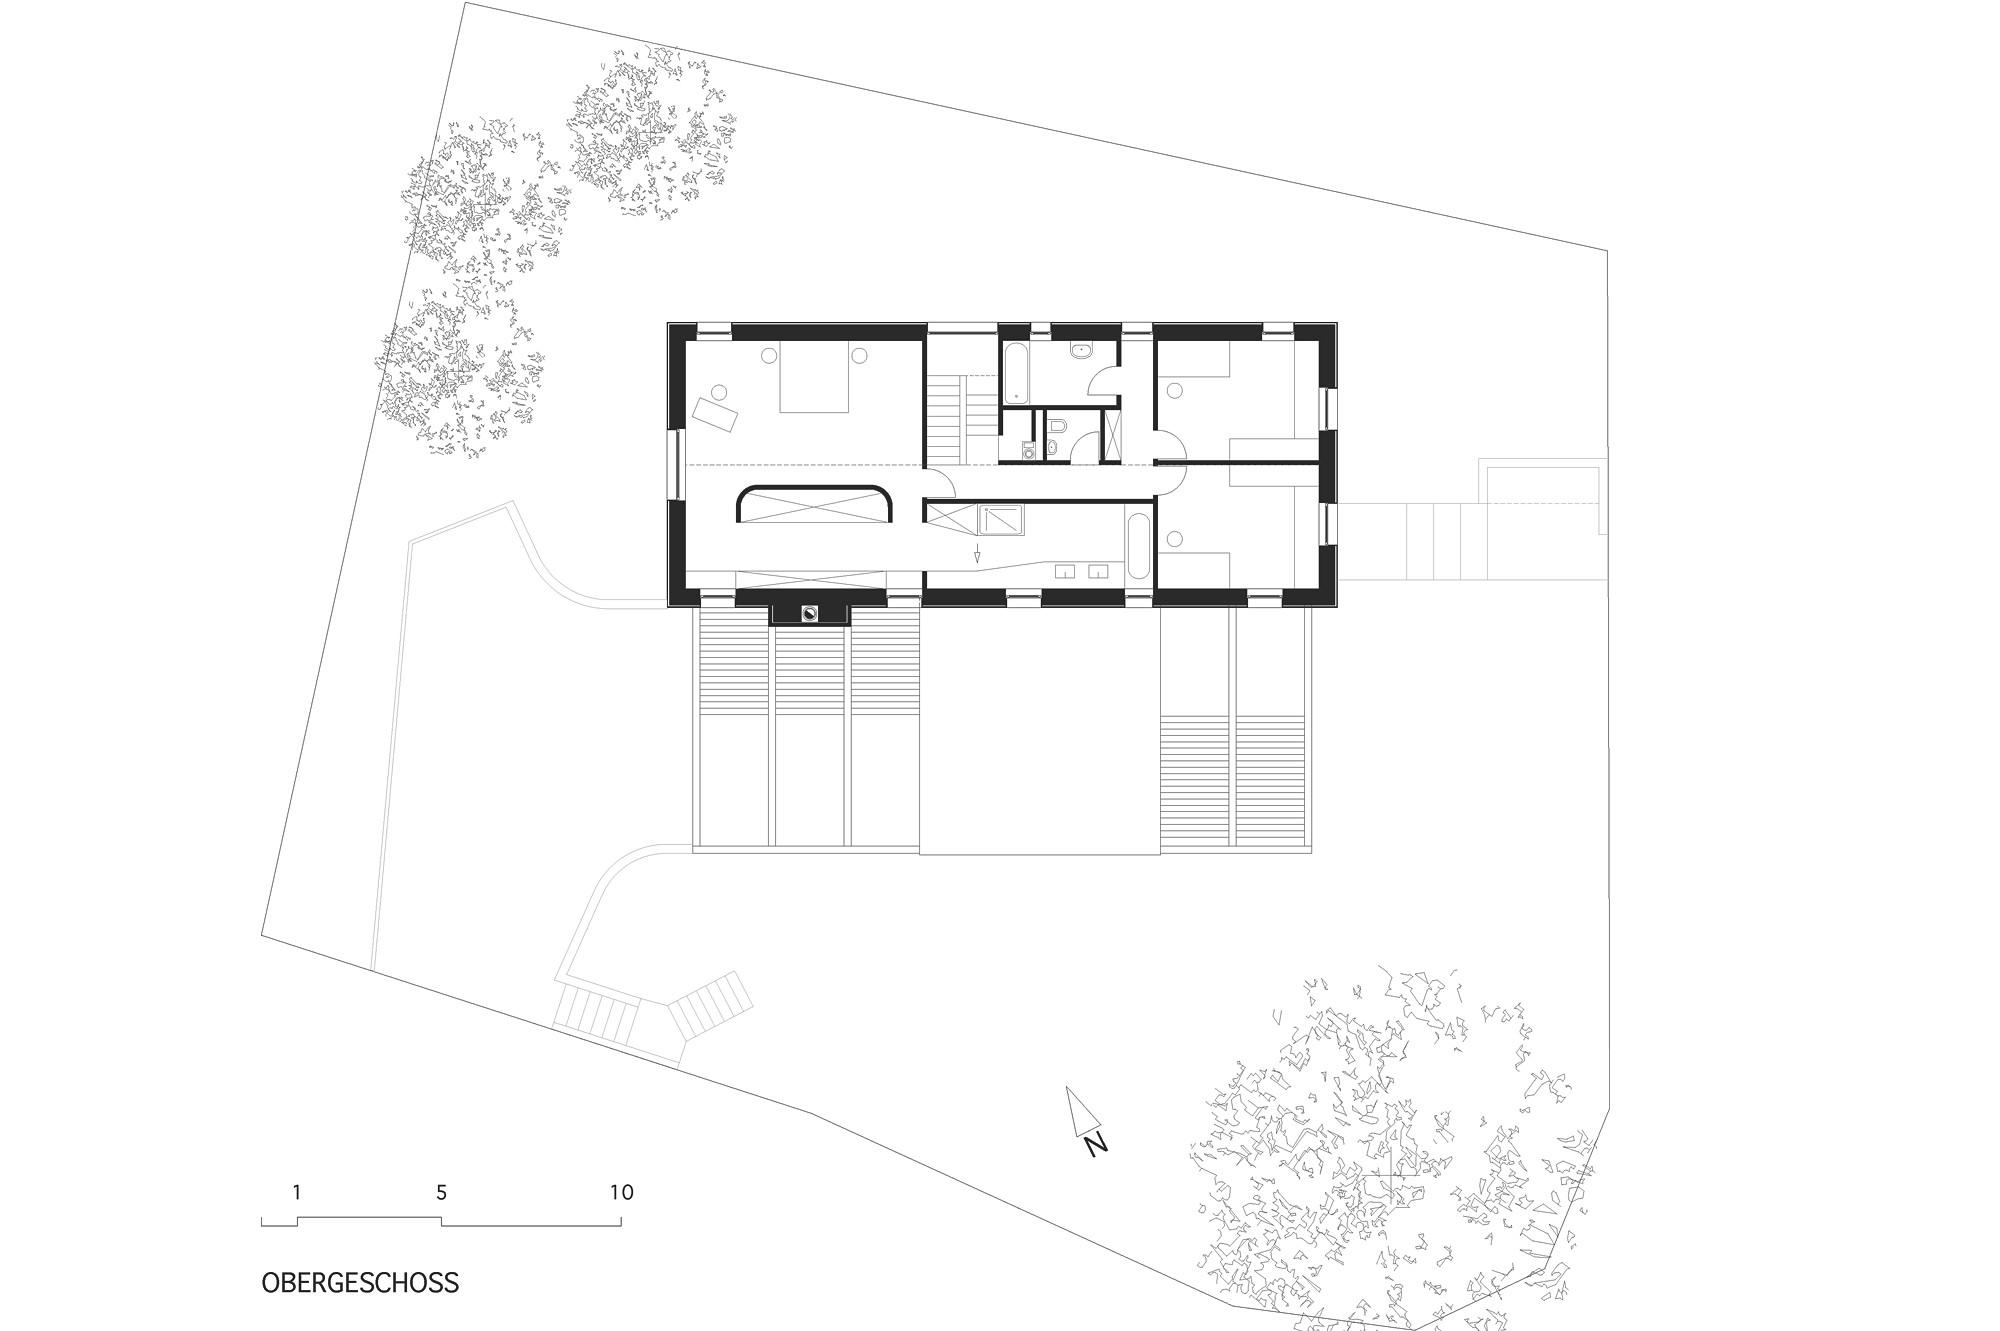 haus_rw_16_niedrigenergie_villa_in_klosterneuburg_niederoesterreich_junger_beer_architektur